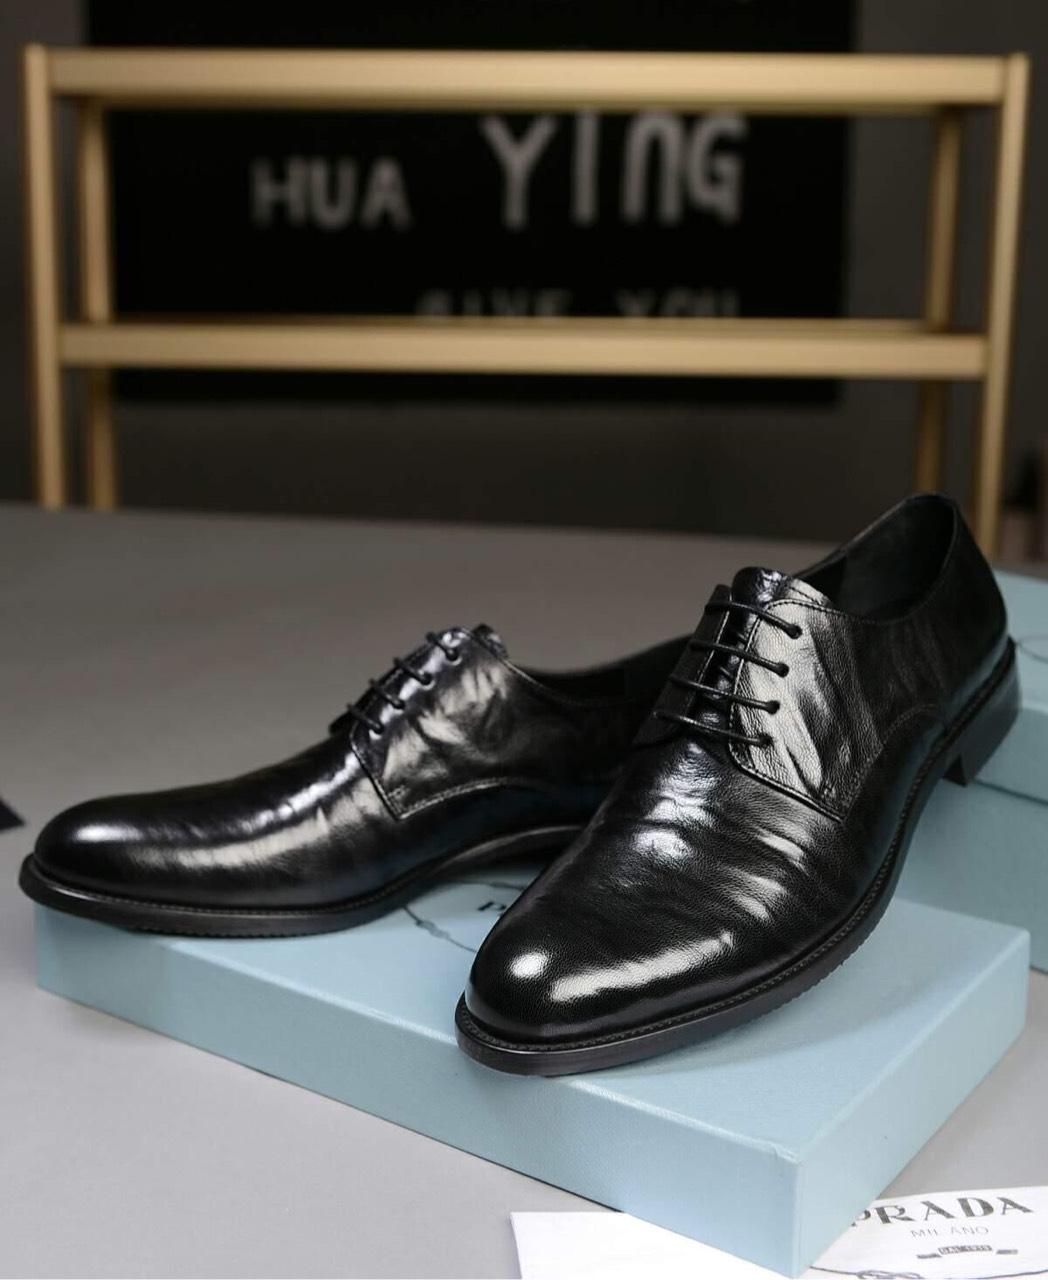 普拉达 Prada 男士商务休闲皮鞋